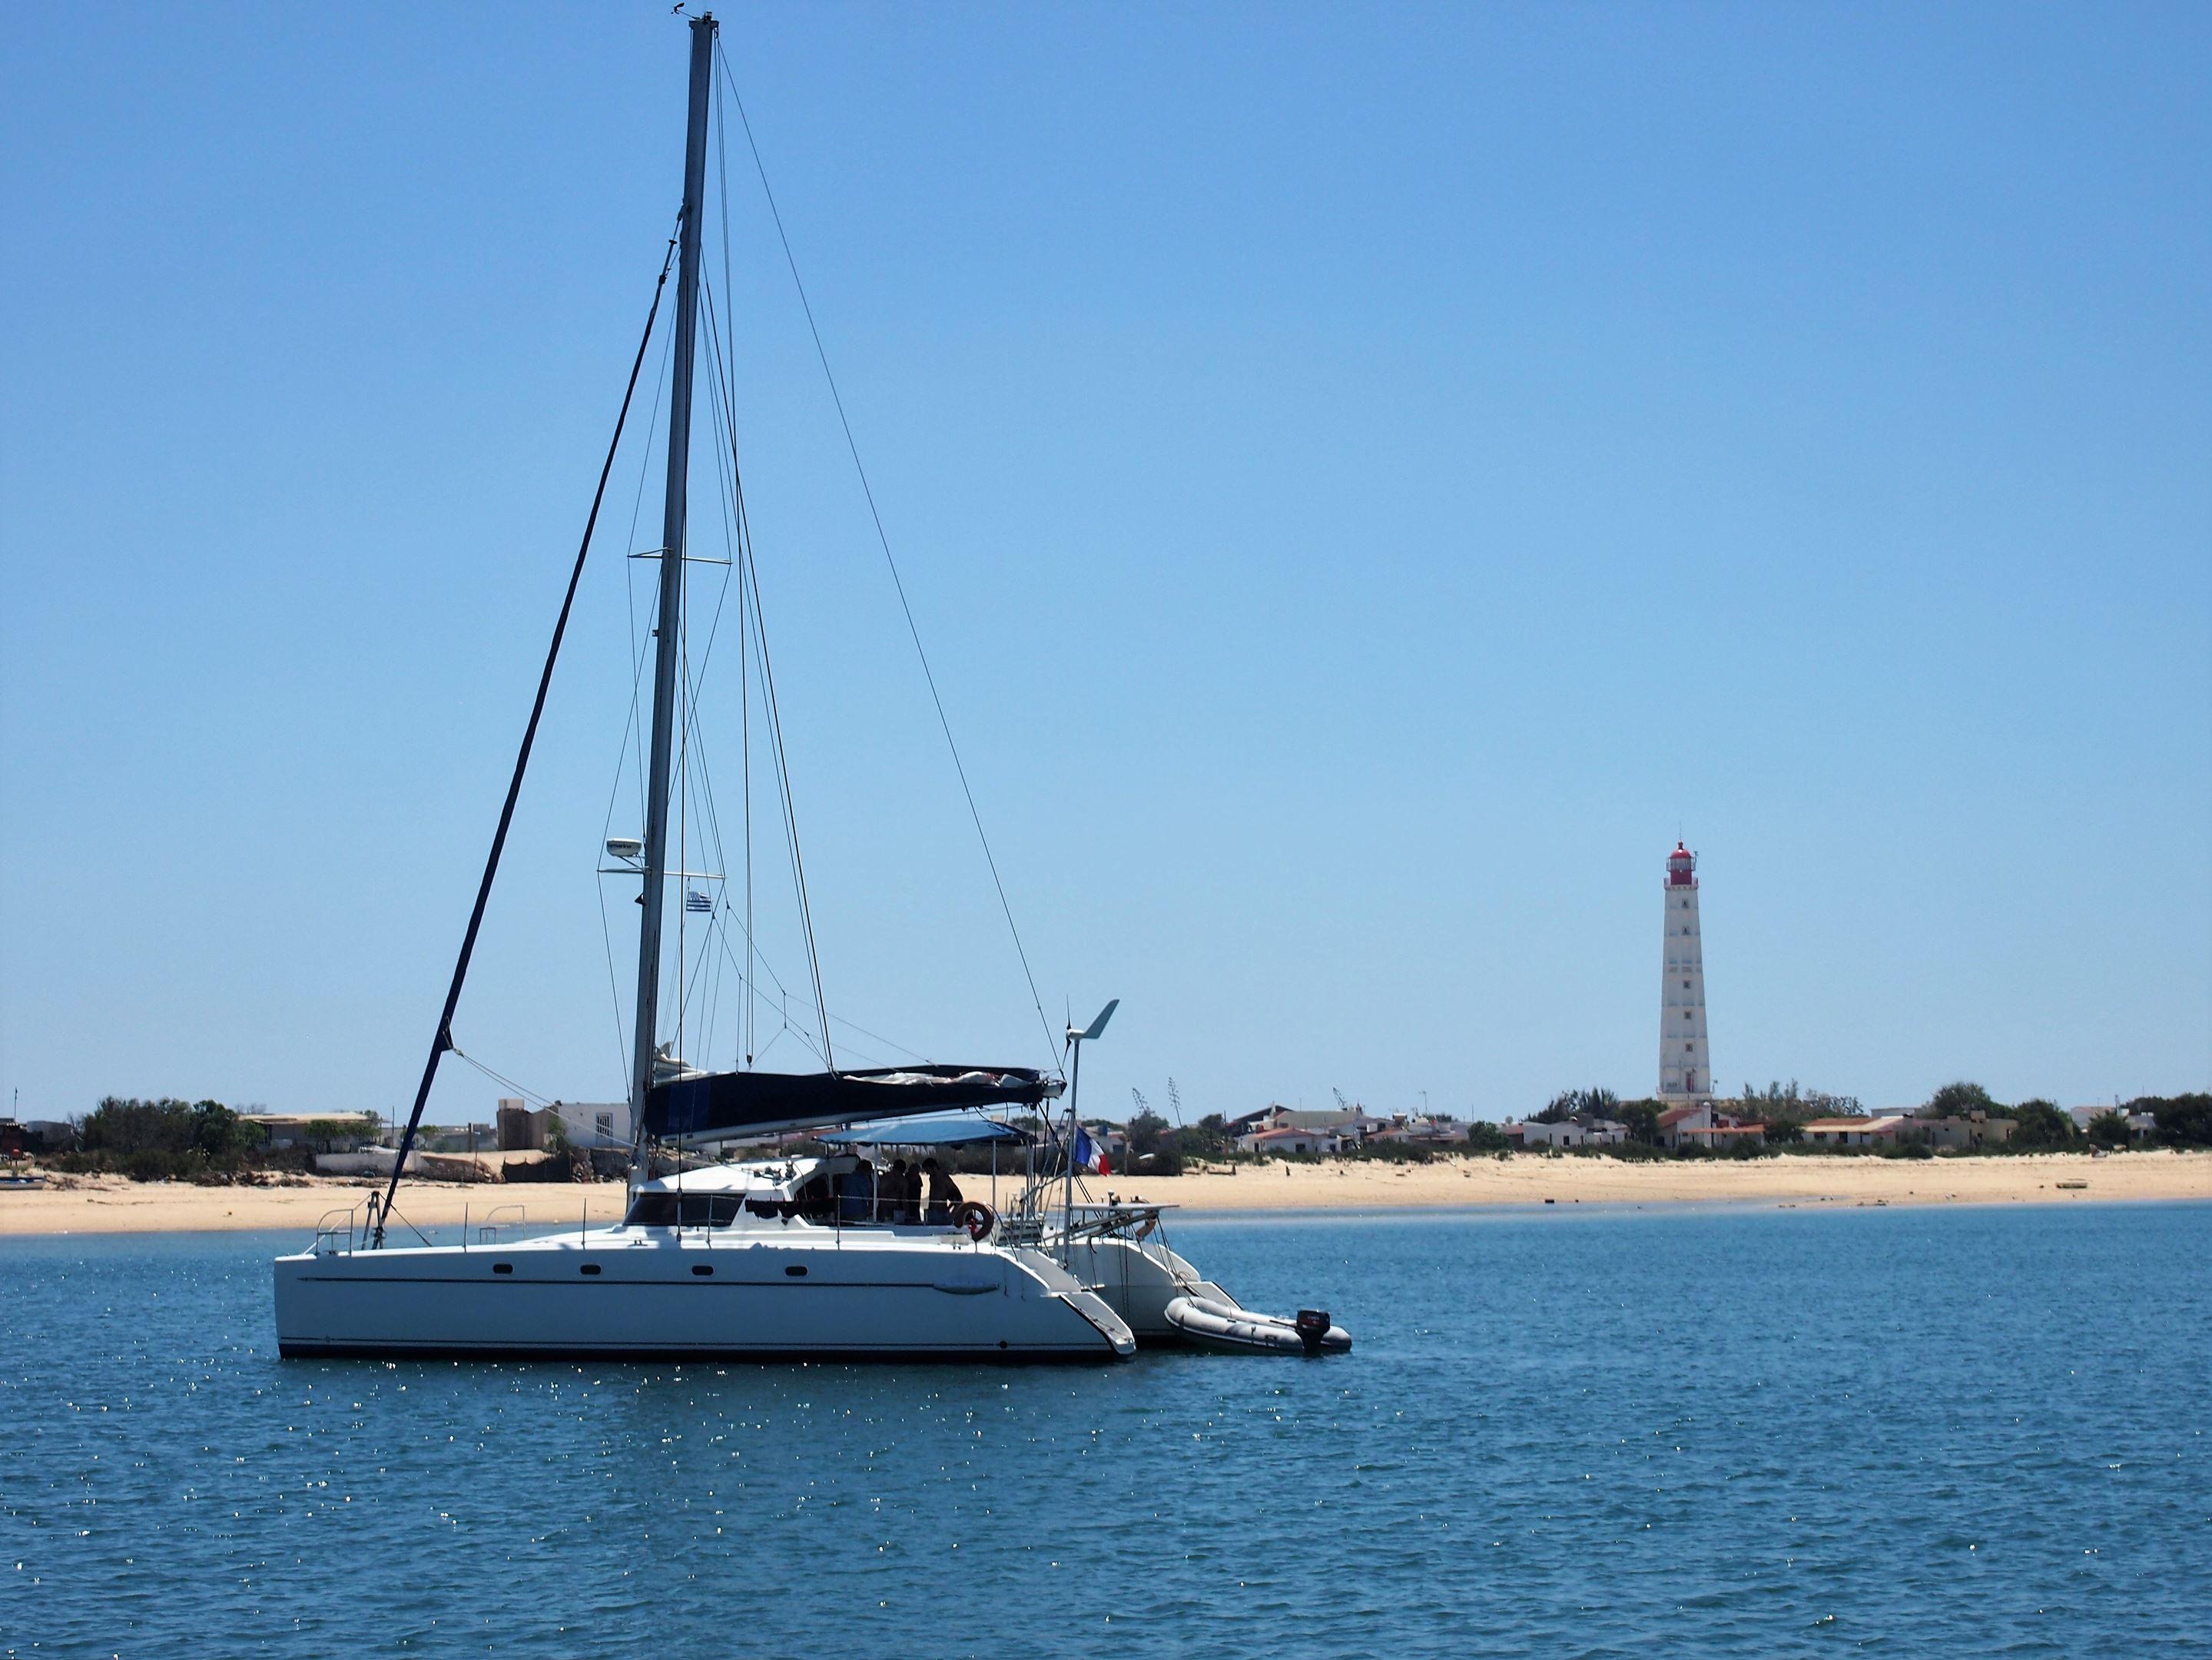 Praia do Farol, Ilha da Culatra. (Farol means lighthouse. The beach on the western end of Culatra Island)